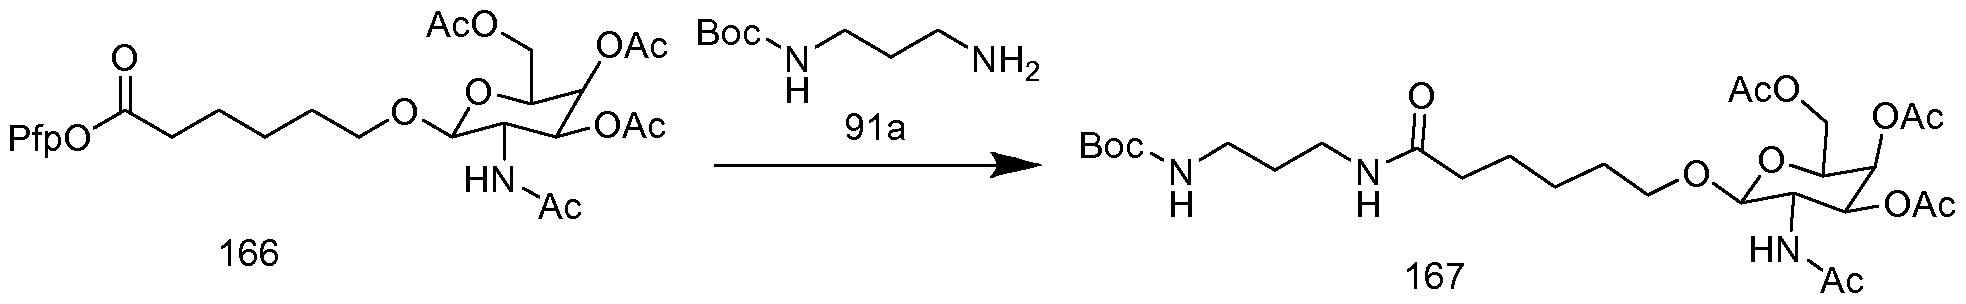 Figure imgf000279_0001